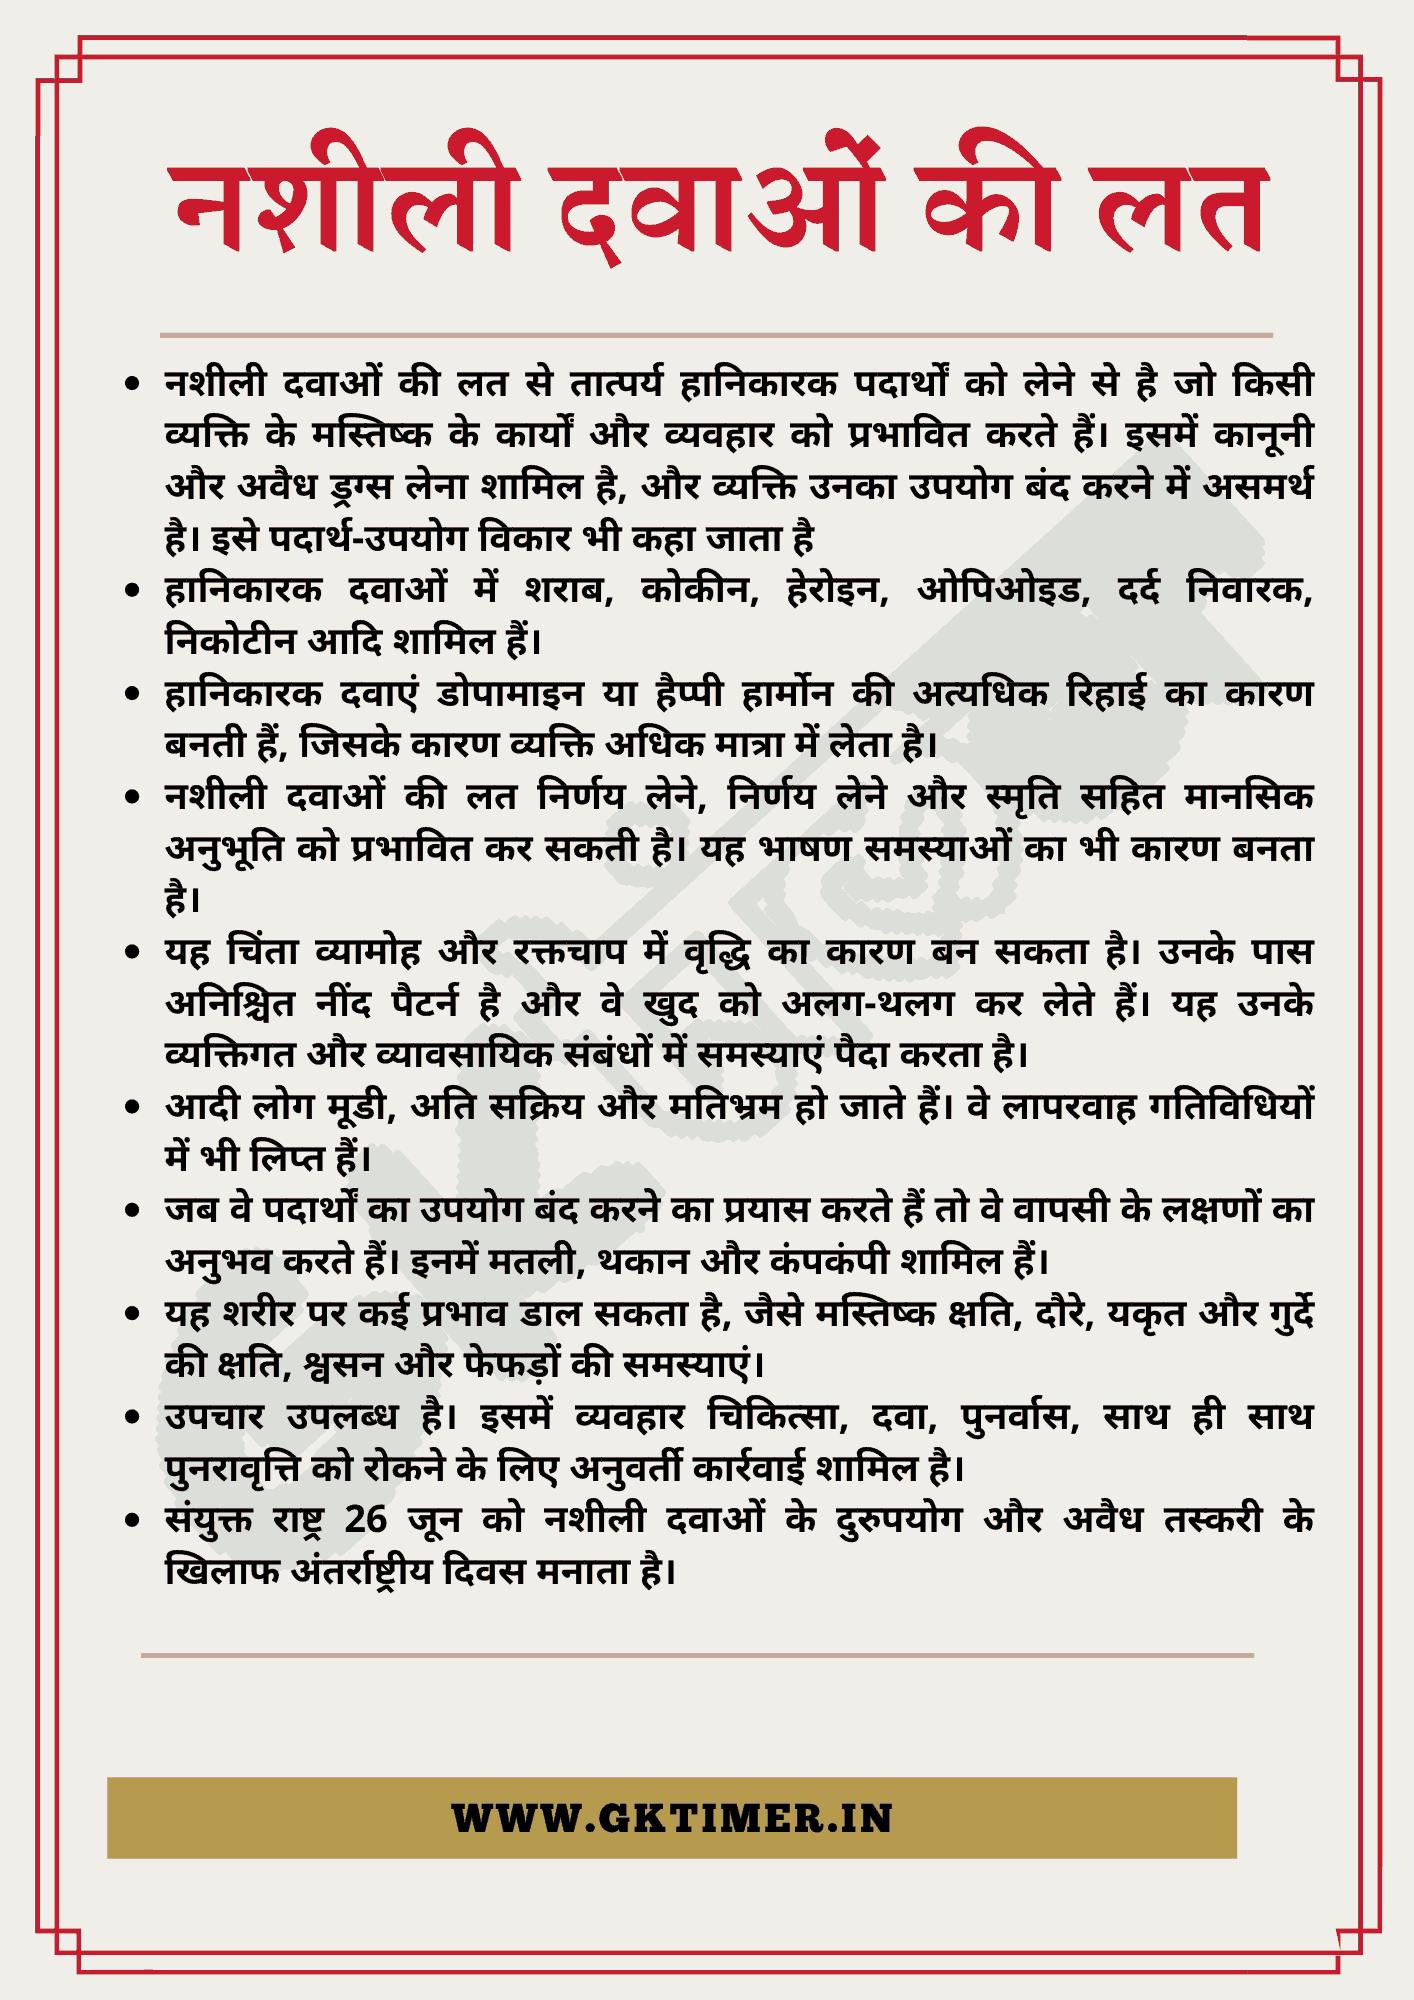 नशीली दवाओं की लत पर निबंध | Essay on Drug Addiction in Hindi | 10 Lines on Drug Addiction in Hindi